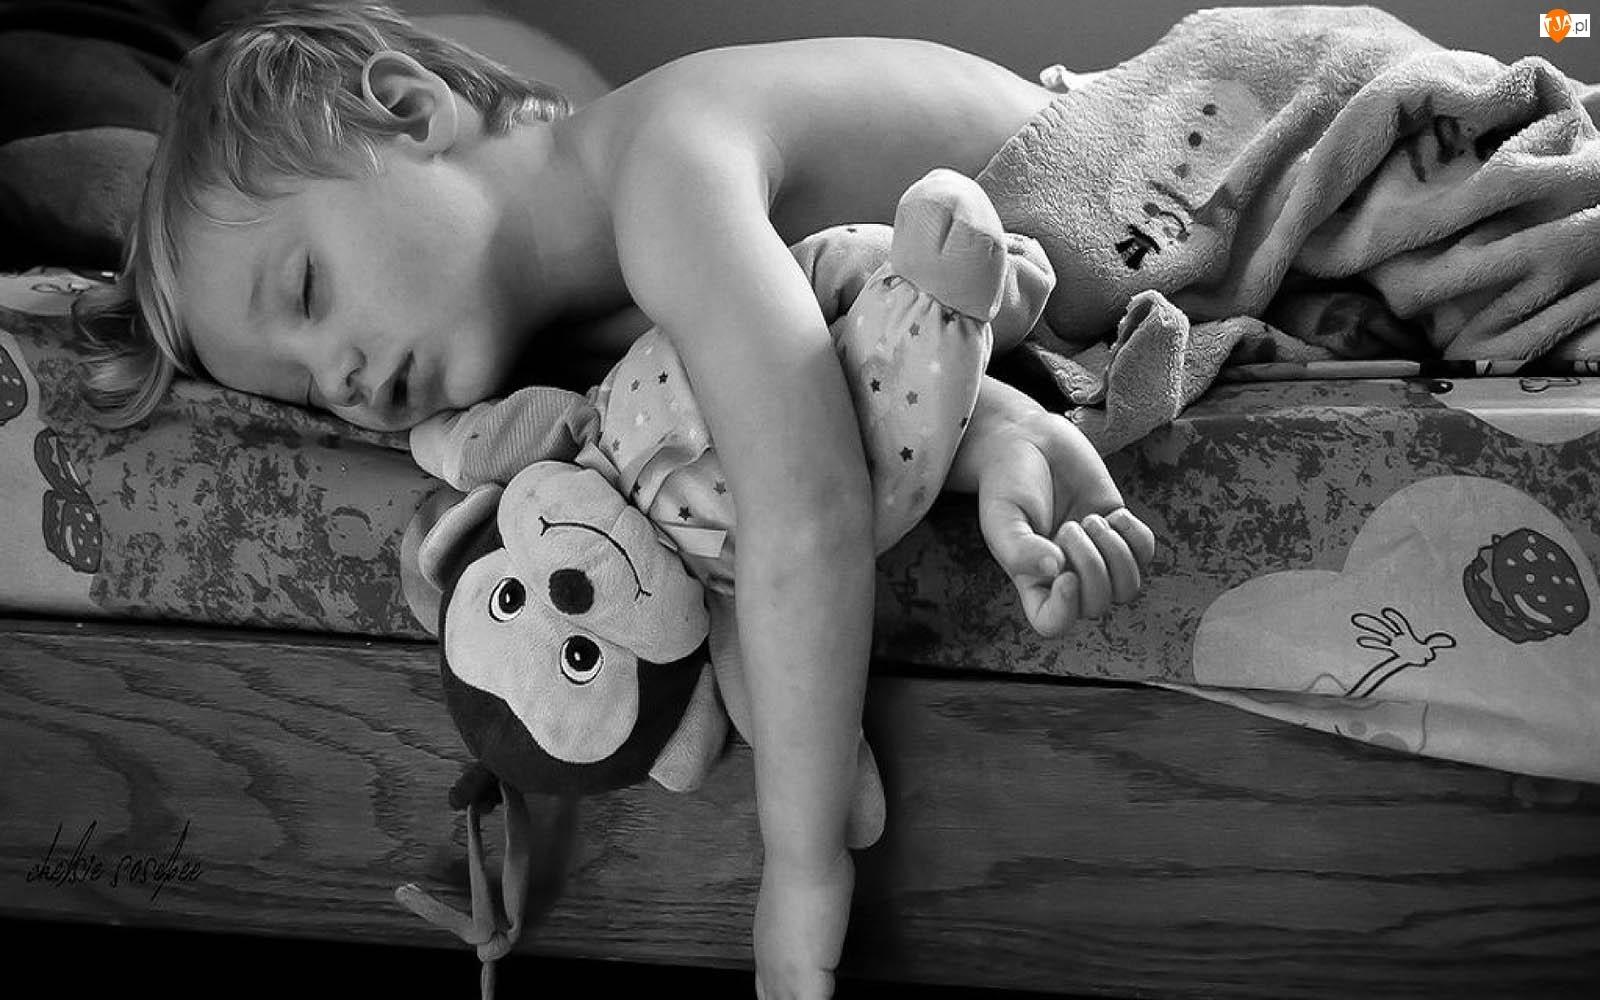 Myszka, Śpiące, Sen, Dziecko, Zabawka